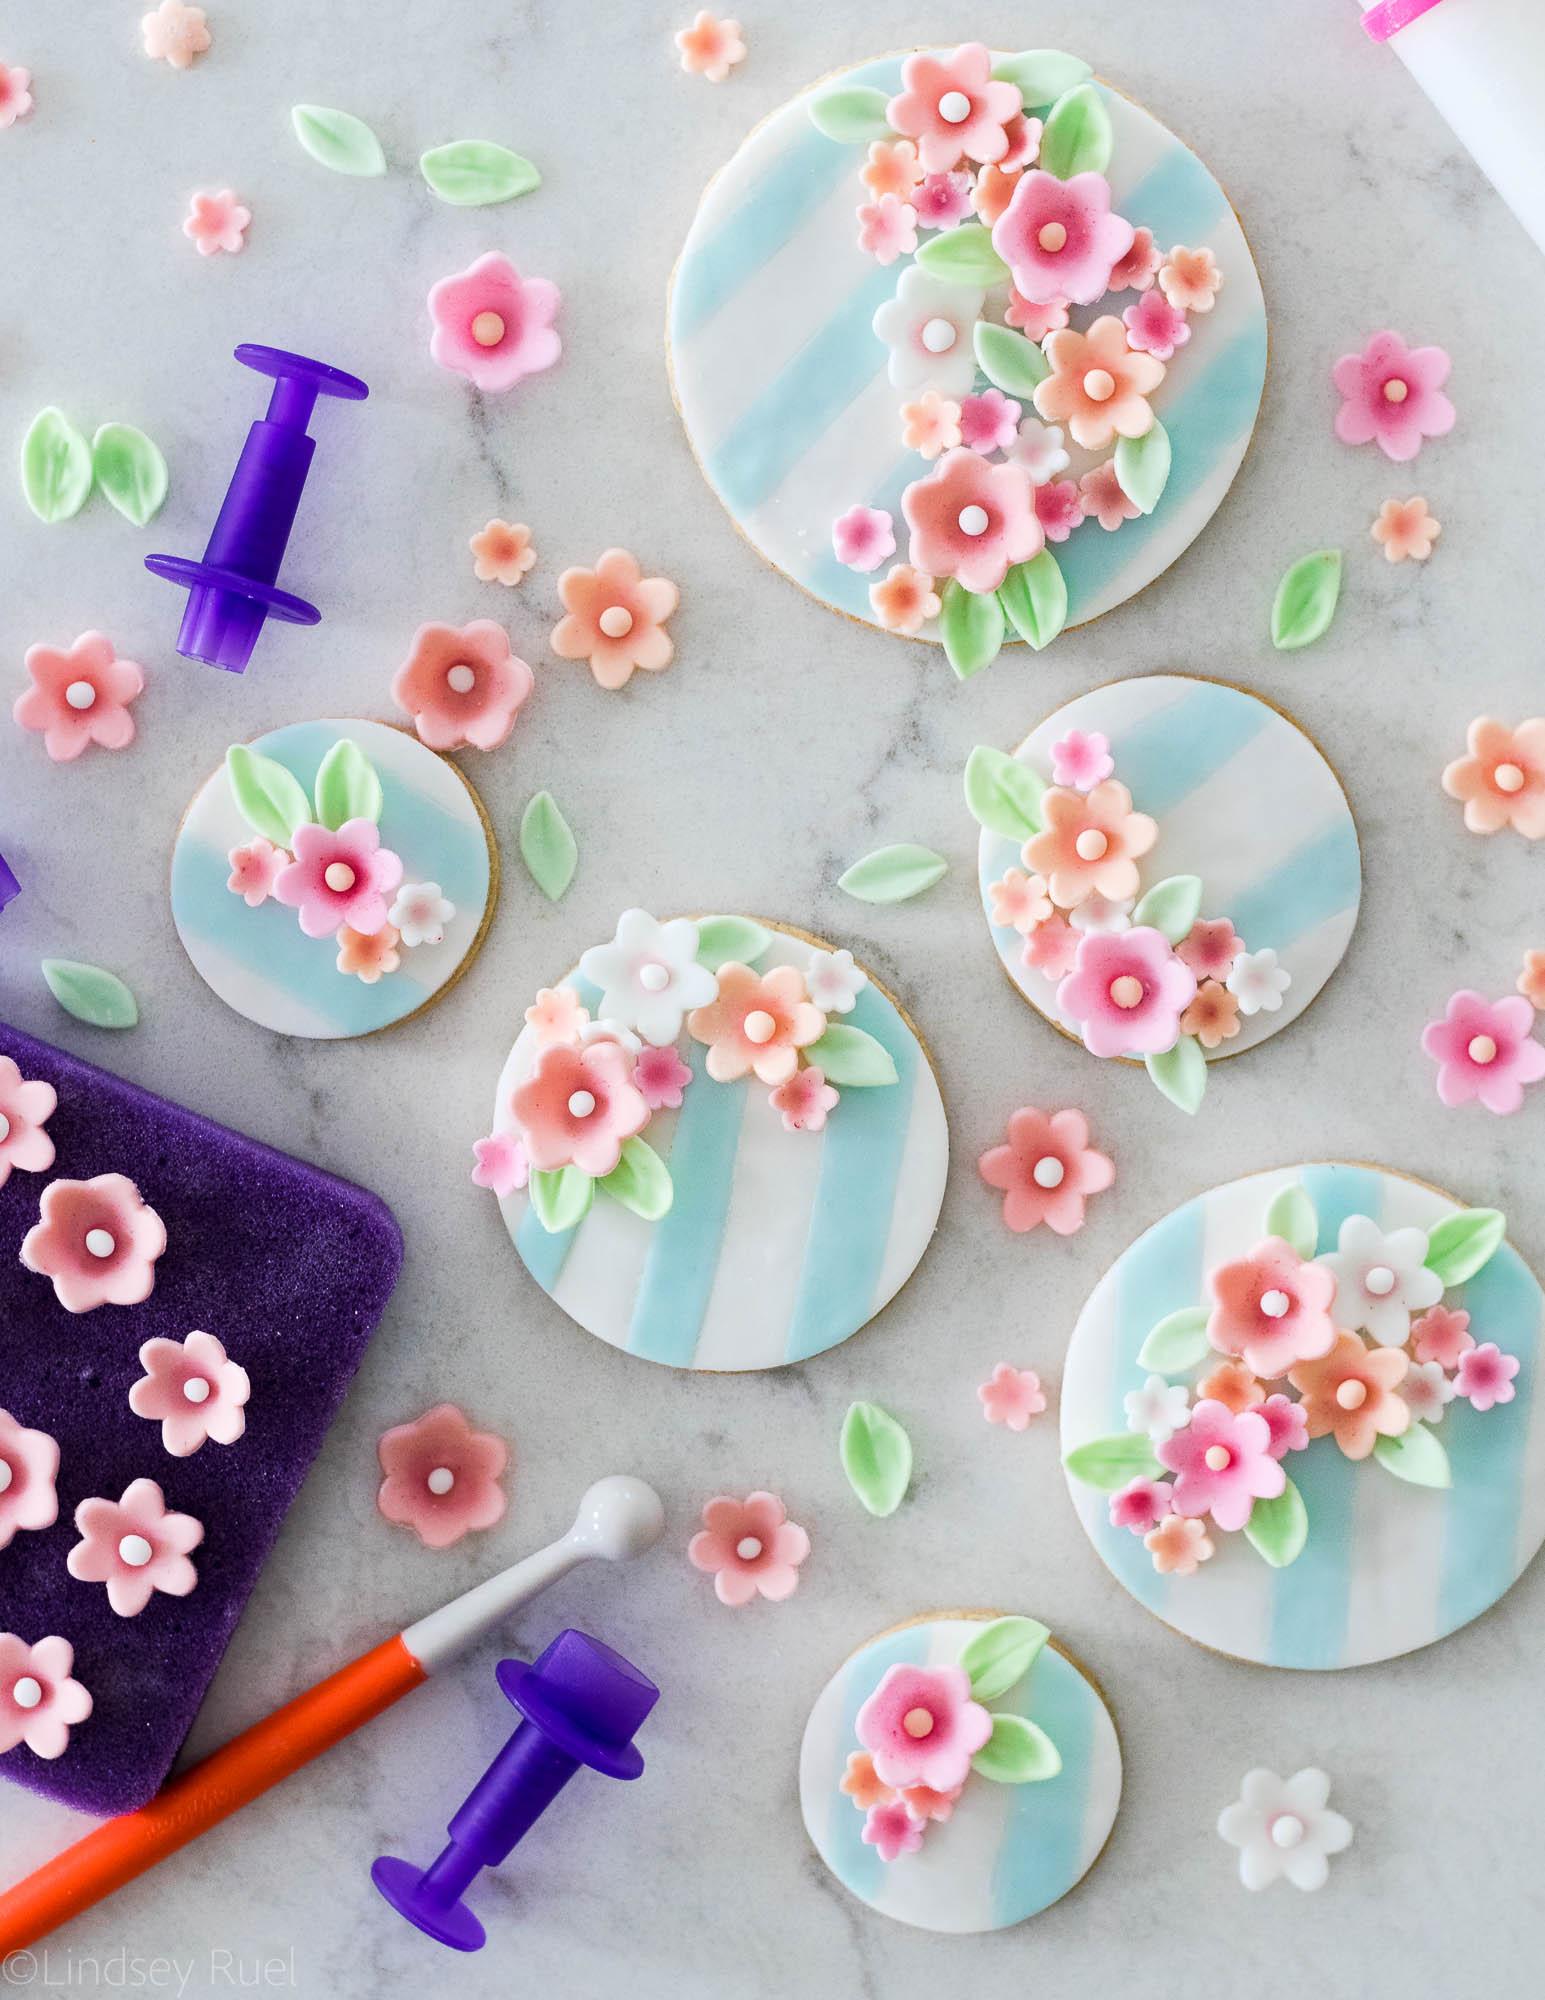 Fondant-Flower-Cookies-20.jpg